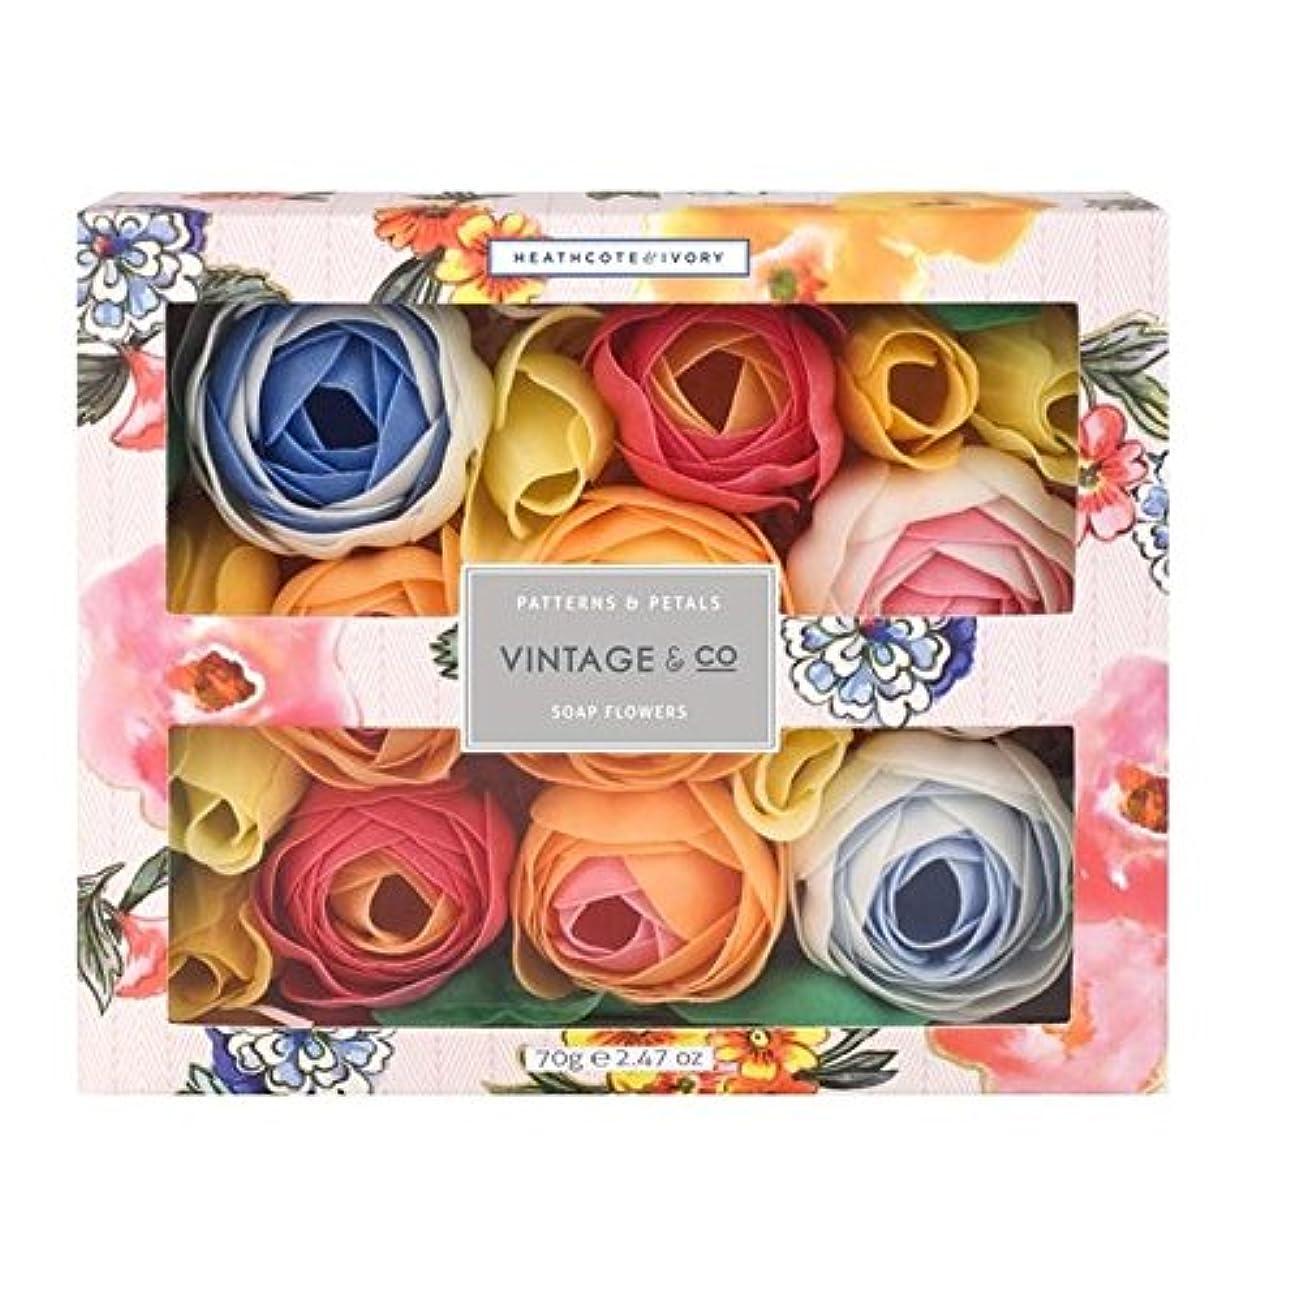 謙虚経営者印刷するヒースコート&アイボリーパターン&花びら石鹸の花70グラム x4 - Heathcote & Ivory Patterns & Petals Soap Flowers 70g (Pack of 4) [並行輸入品]